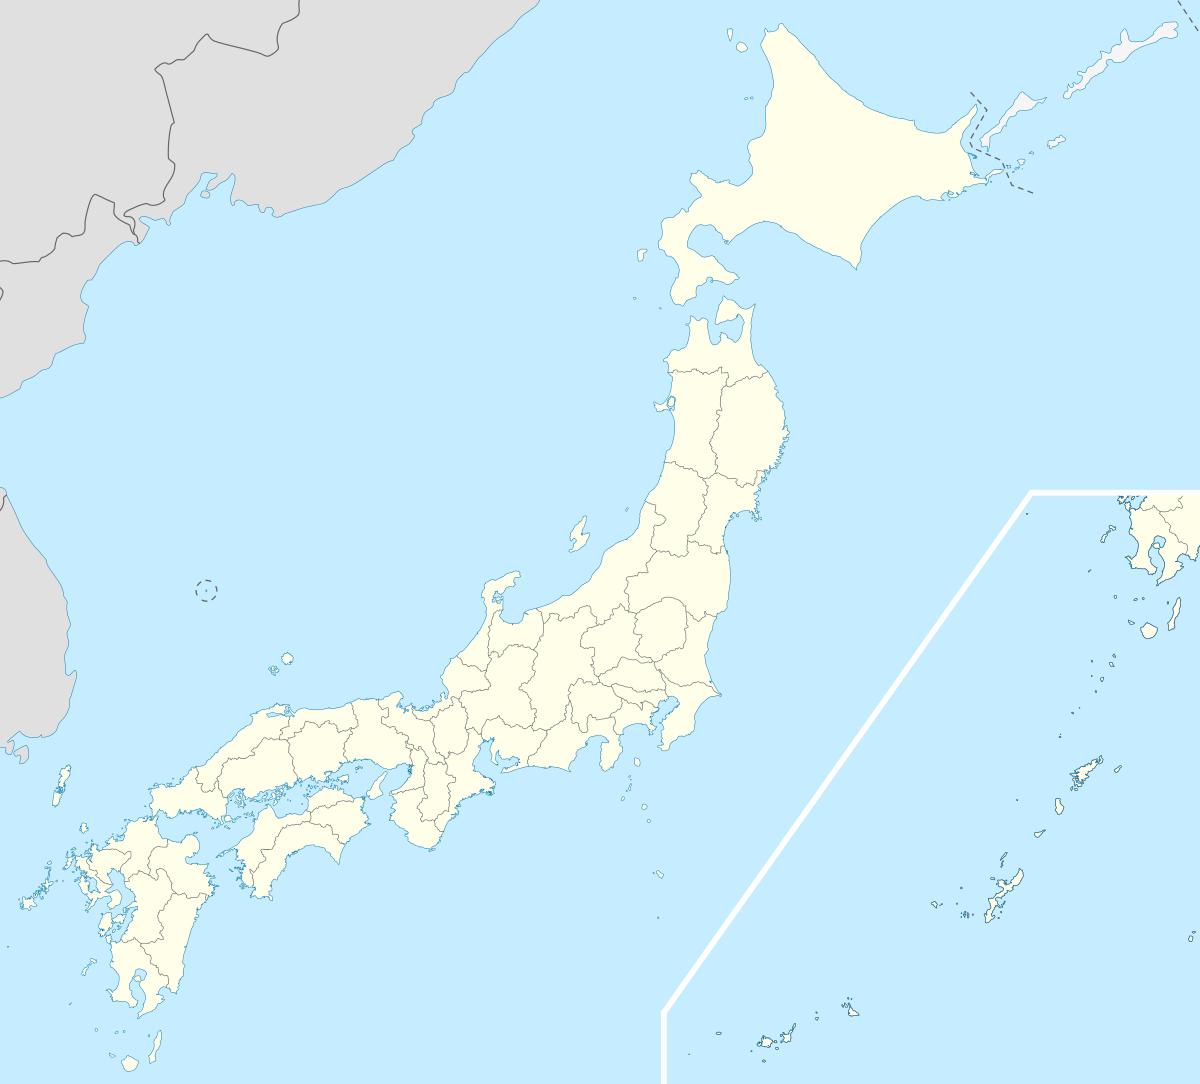 日本三大都市 - Wikipedia